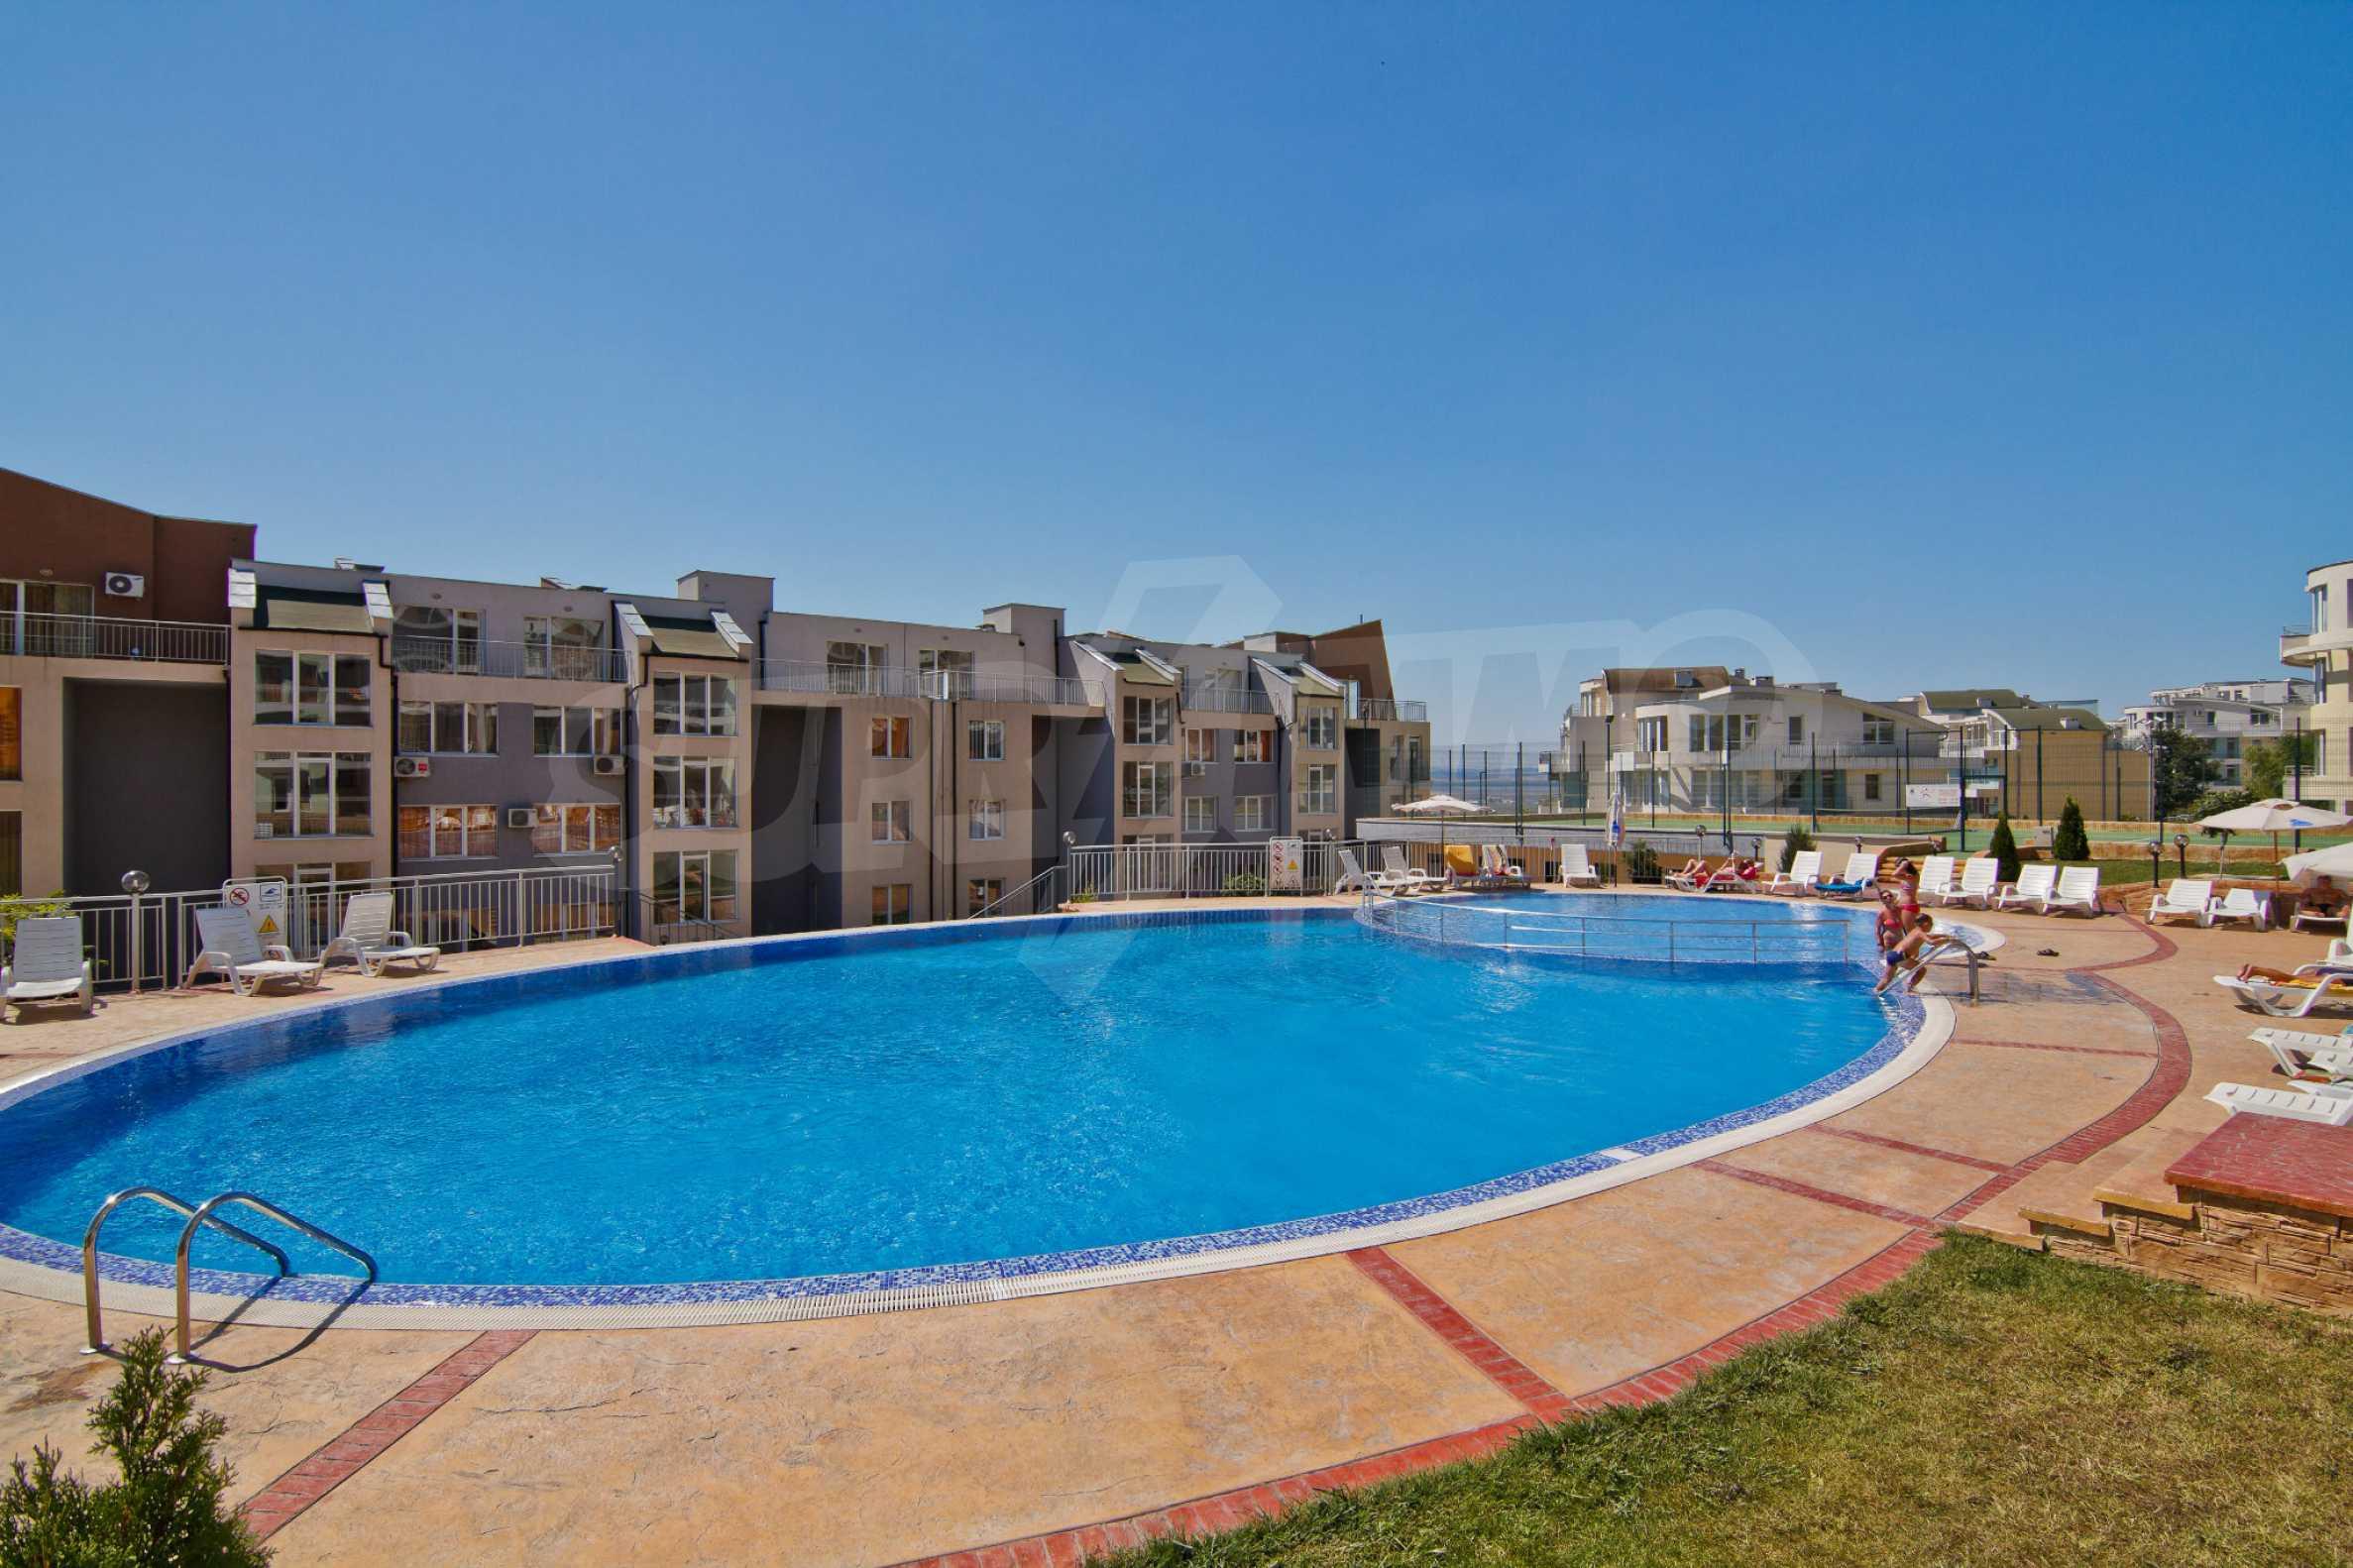 Sunset Kosharitsa - Apartments in einem attraktiven Berg- und Seekomplex, 5 Autominuten vom Sonnenstrand entfernt 12